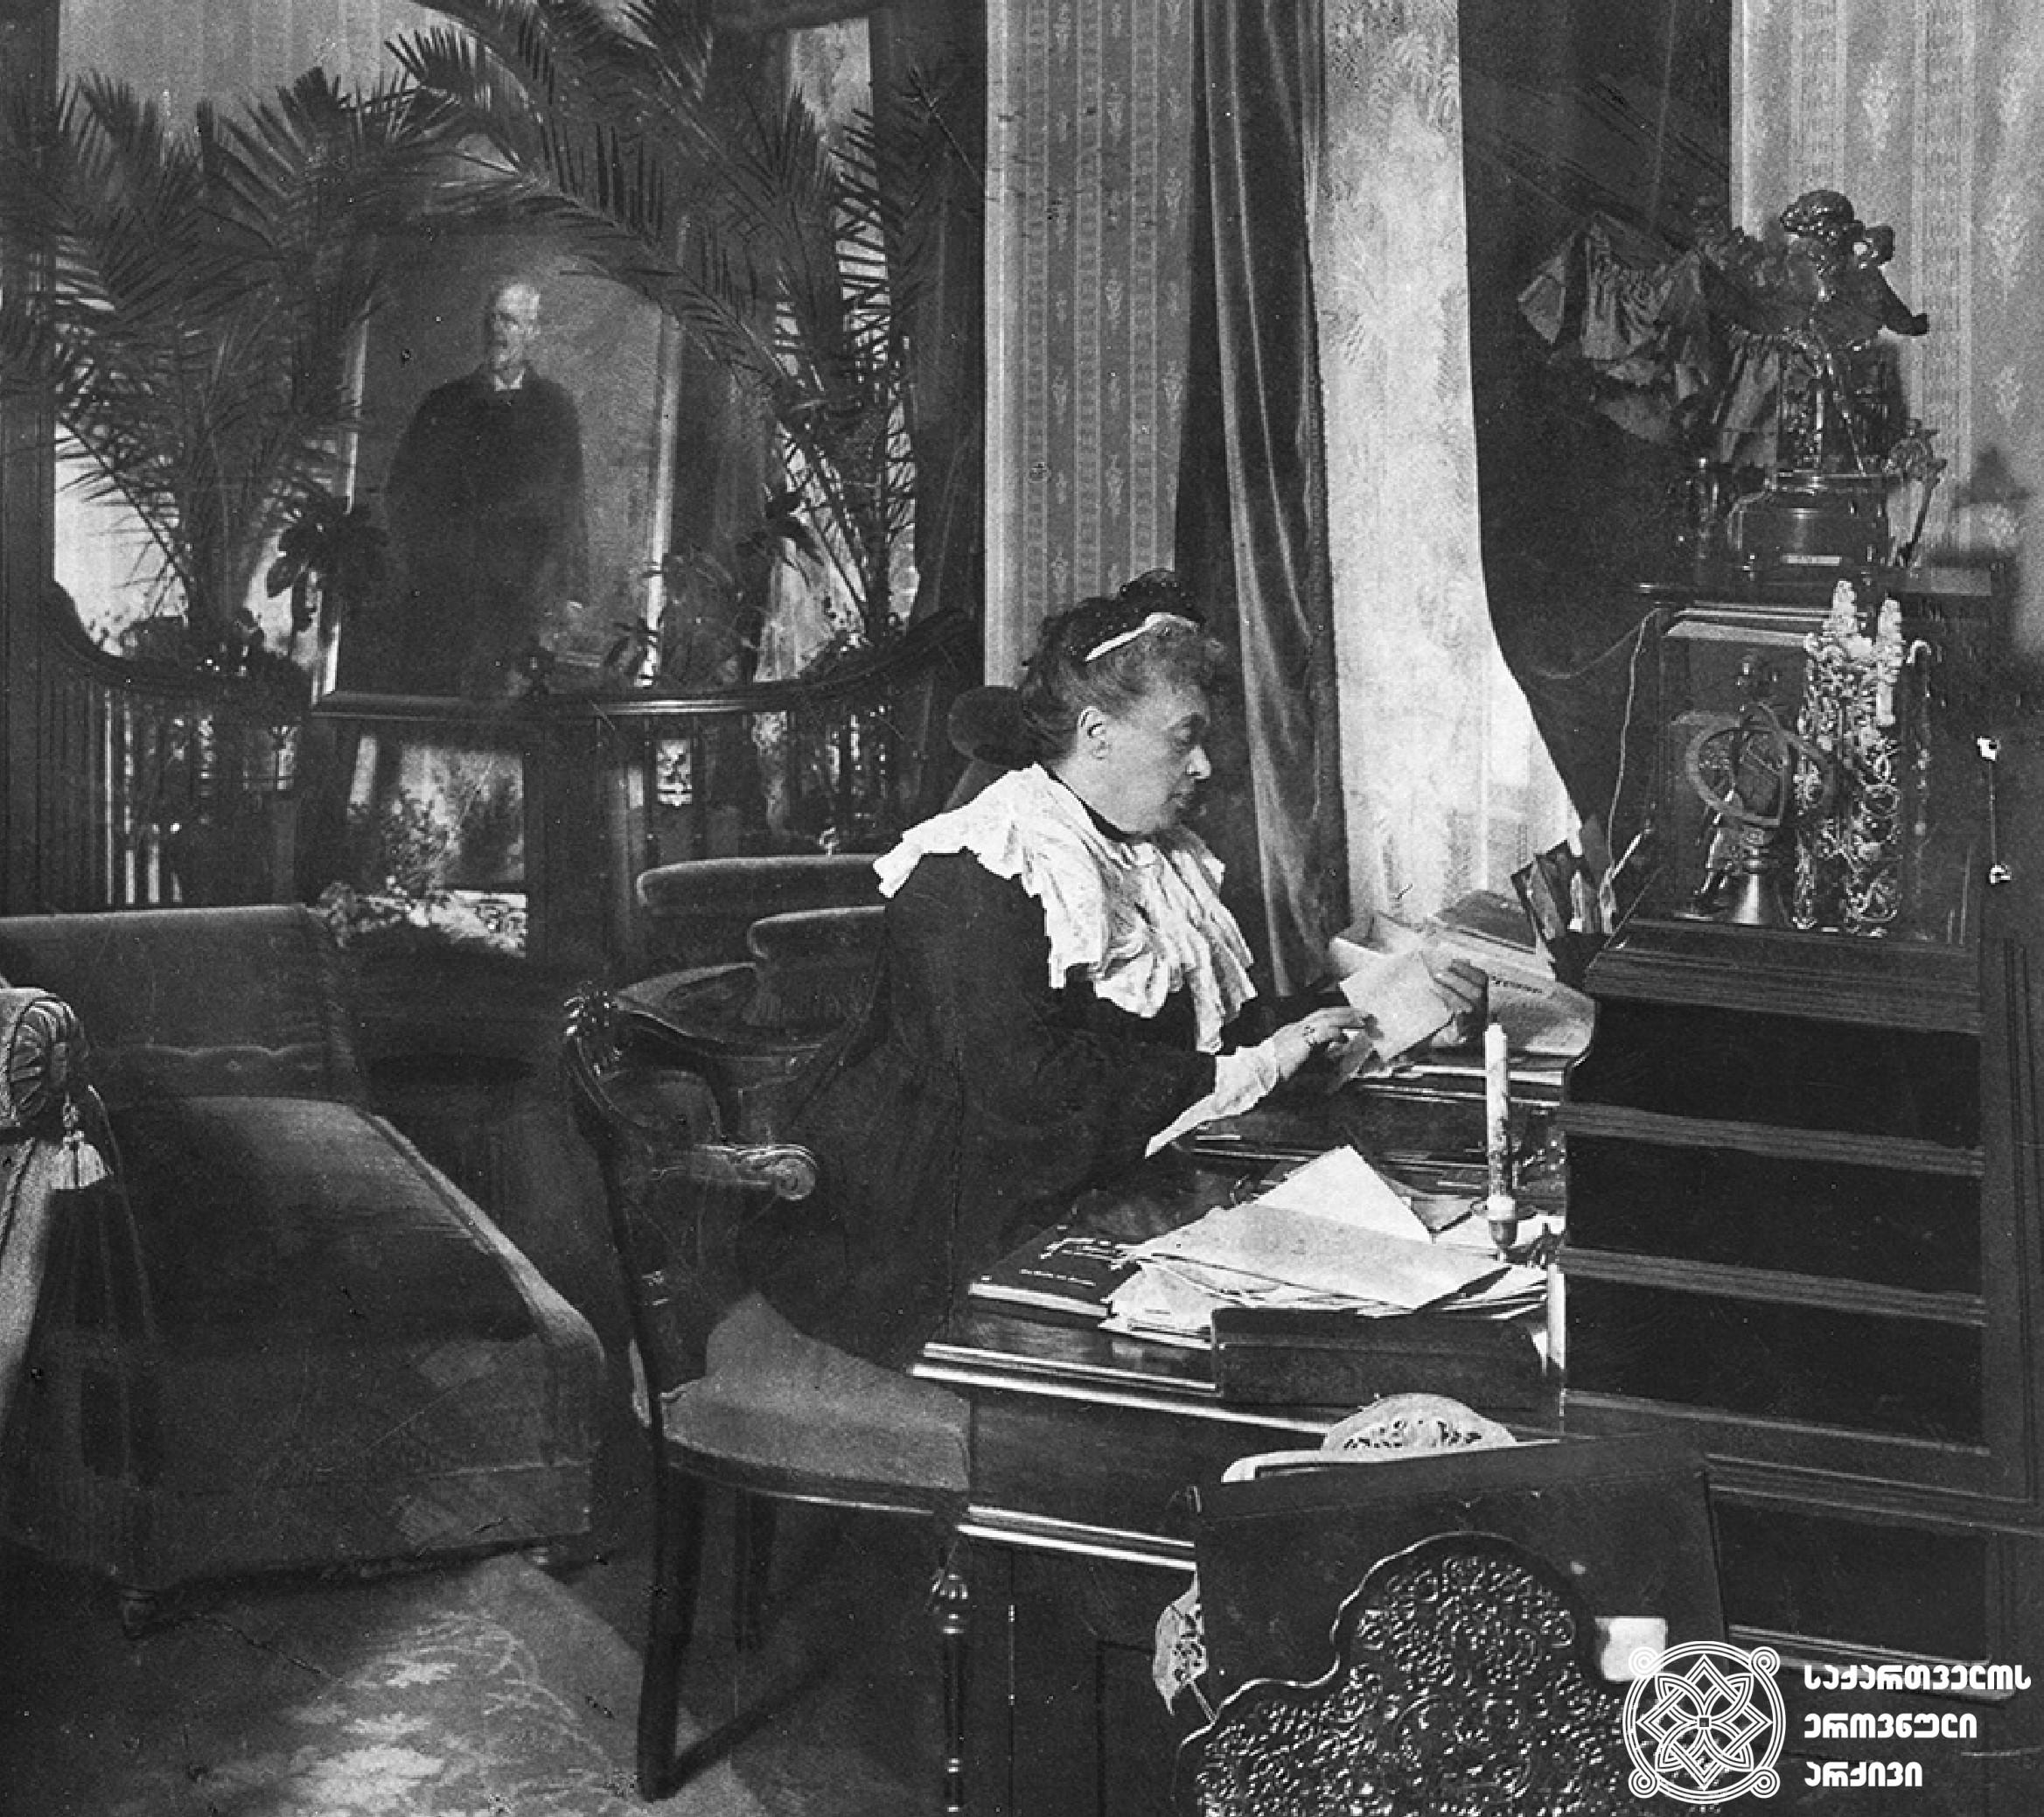 ბერტა ფონ ზუტნერი საკუთარ კაბინეტში, ვენაში. უკანა ფონზე მოჩანს არტურ ზუტნერის პორტრეტი. იგი 1902 წელს გარდაიცვალა. პორტრეტი პალმის რტოებით არის შემკული. <br> გეორგ ჰამანის კოლექციიდან<br> Bertha von Suttner in her study in Vienna. In the background a painting of Arthur, who died in 1902. Portrait is decorated with palm fronds.<br> From the collection of Georg Hamann